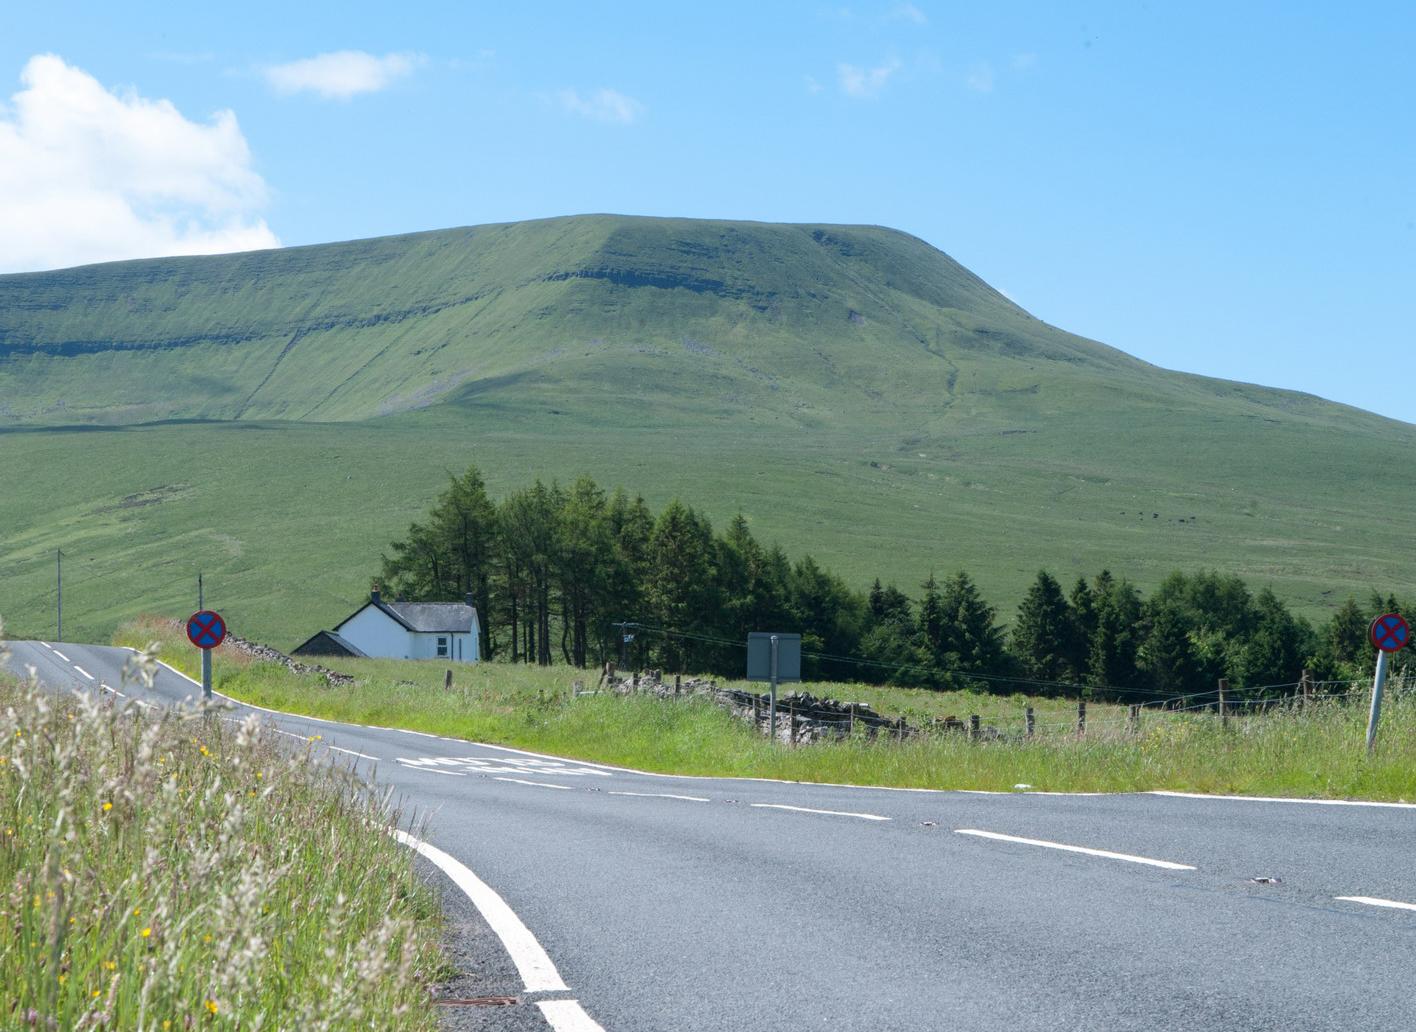 Wales landweggetje